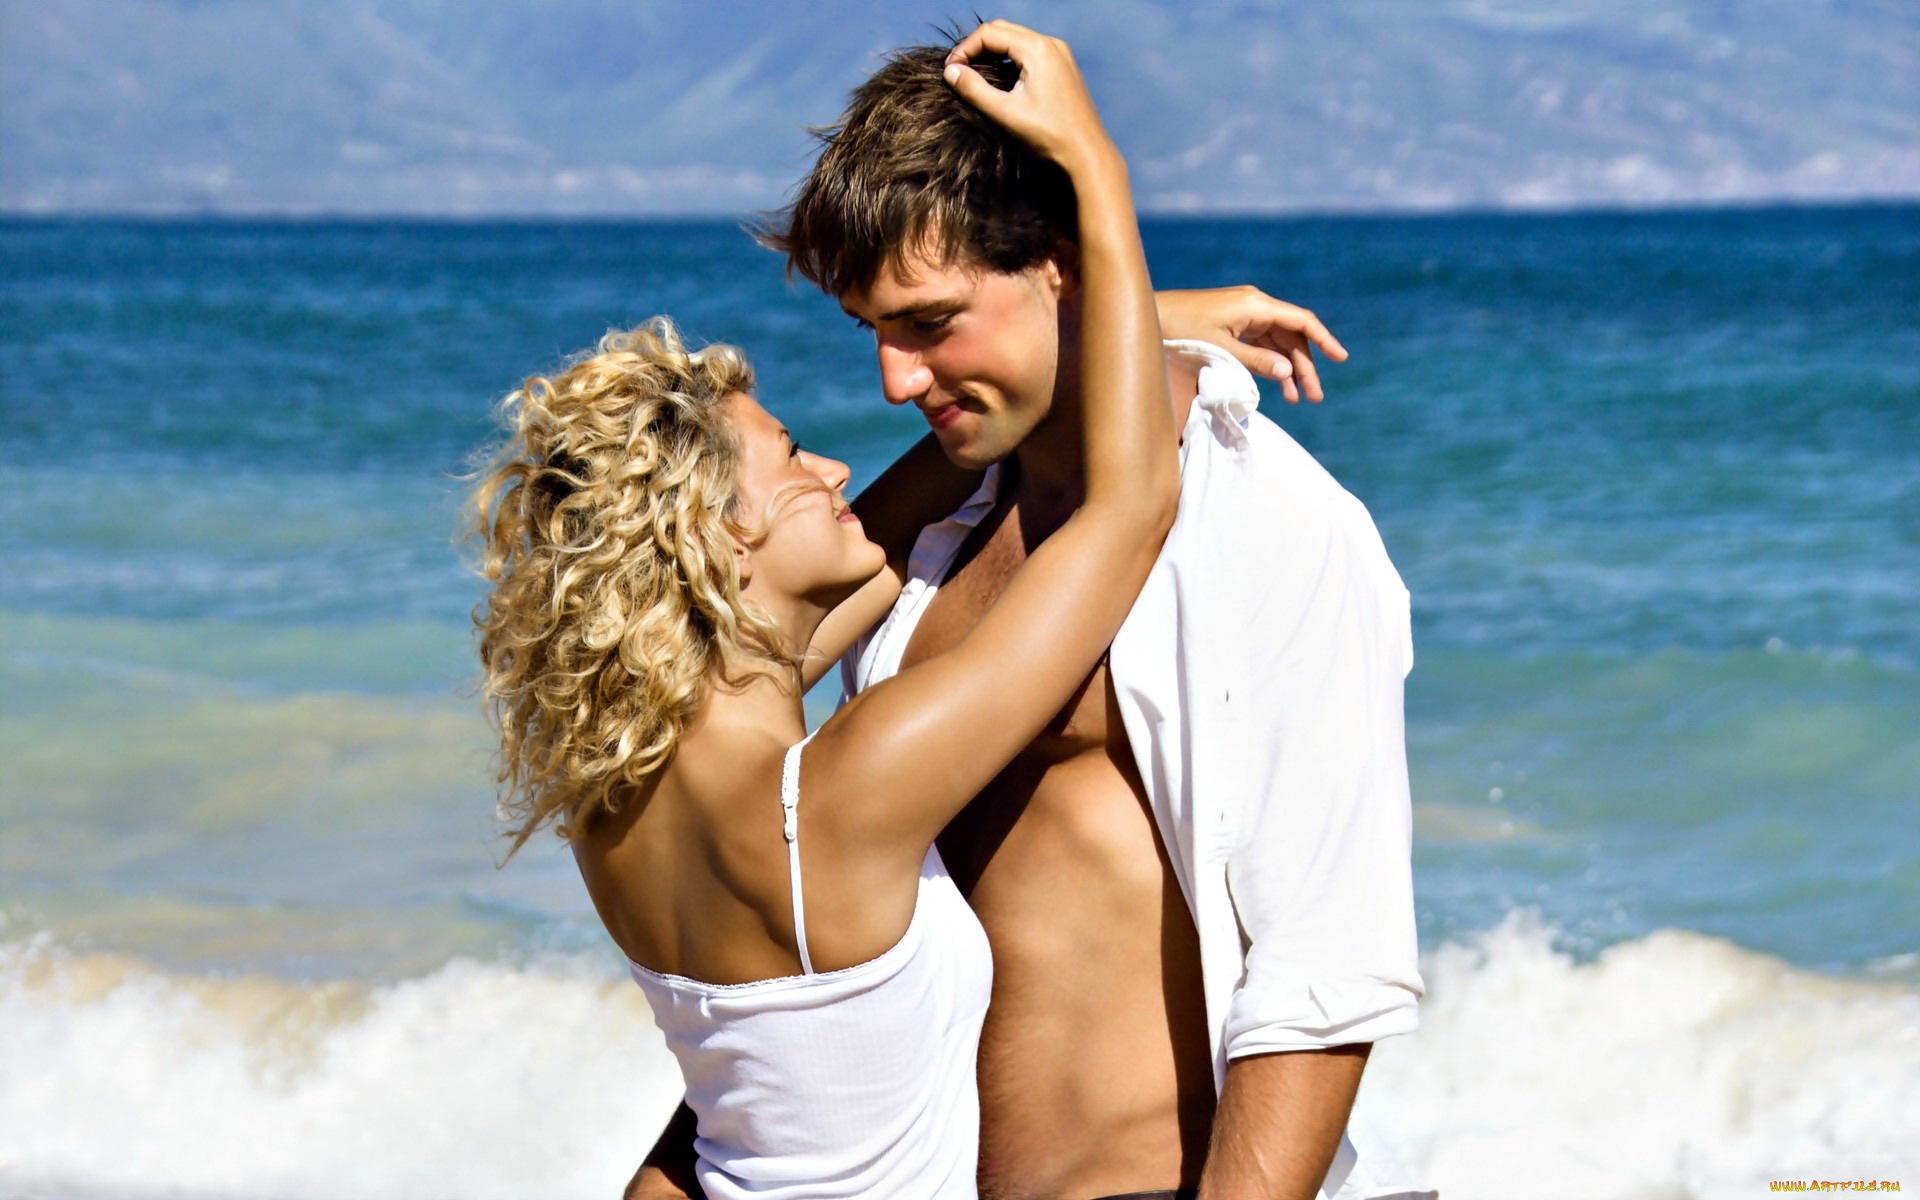 Картинки хорошего качества очень красивые женщина и мужчина — photo 2